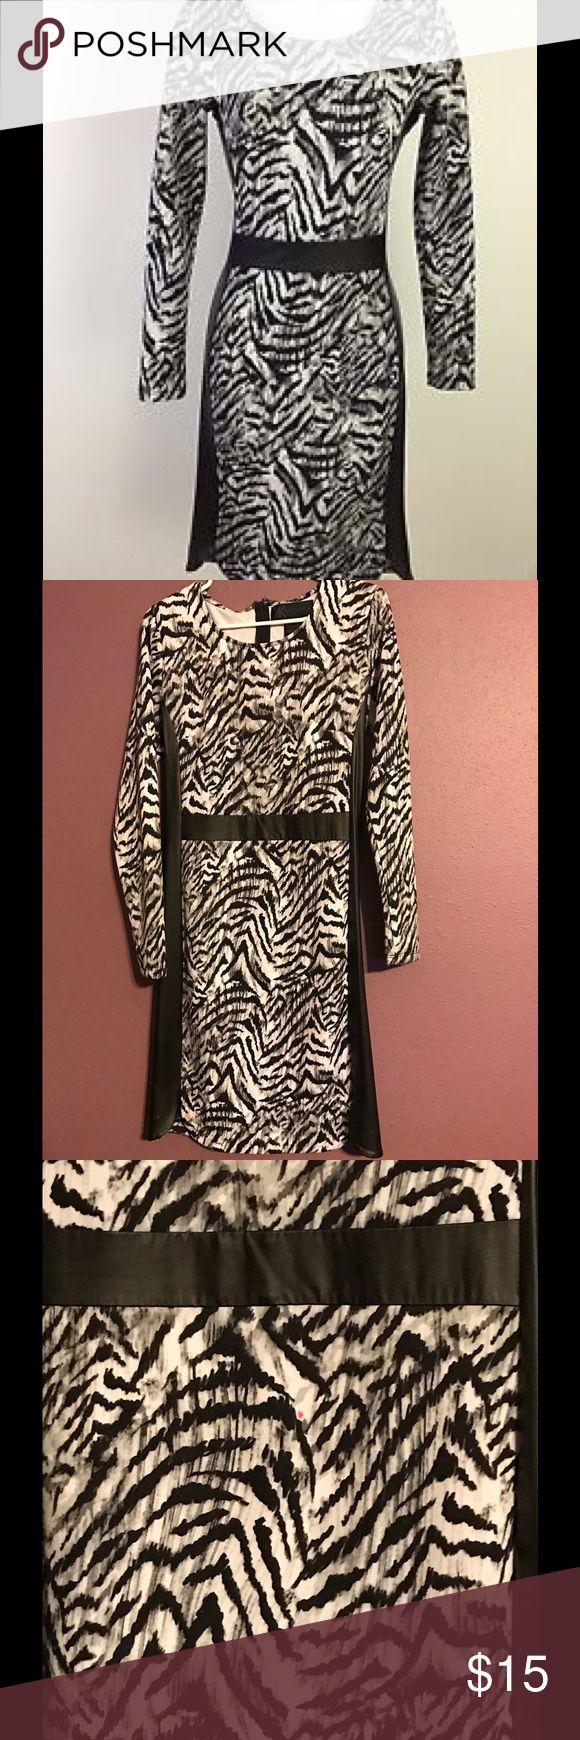 KARDASHIAN KOLLECTION Dress Sheath KARDASHIAN KOLLECTION Dress Sheath Black Scoop Neck Faux Leather Kardashian Kollection Dresses Midi